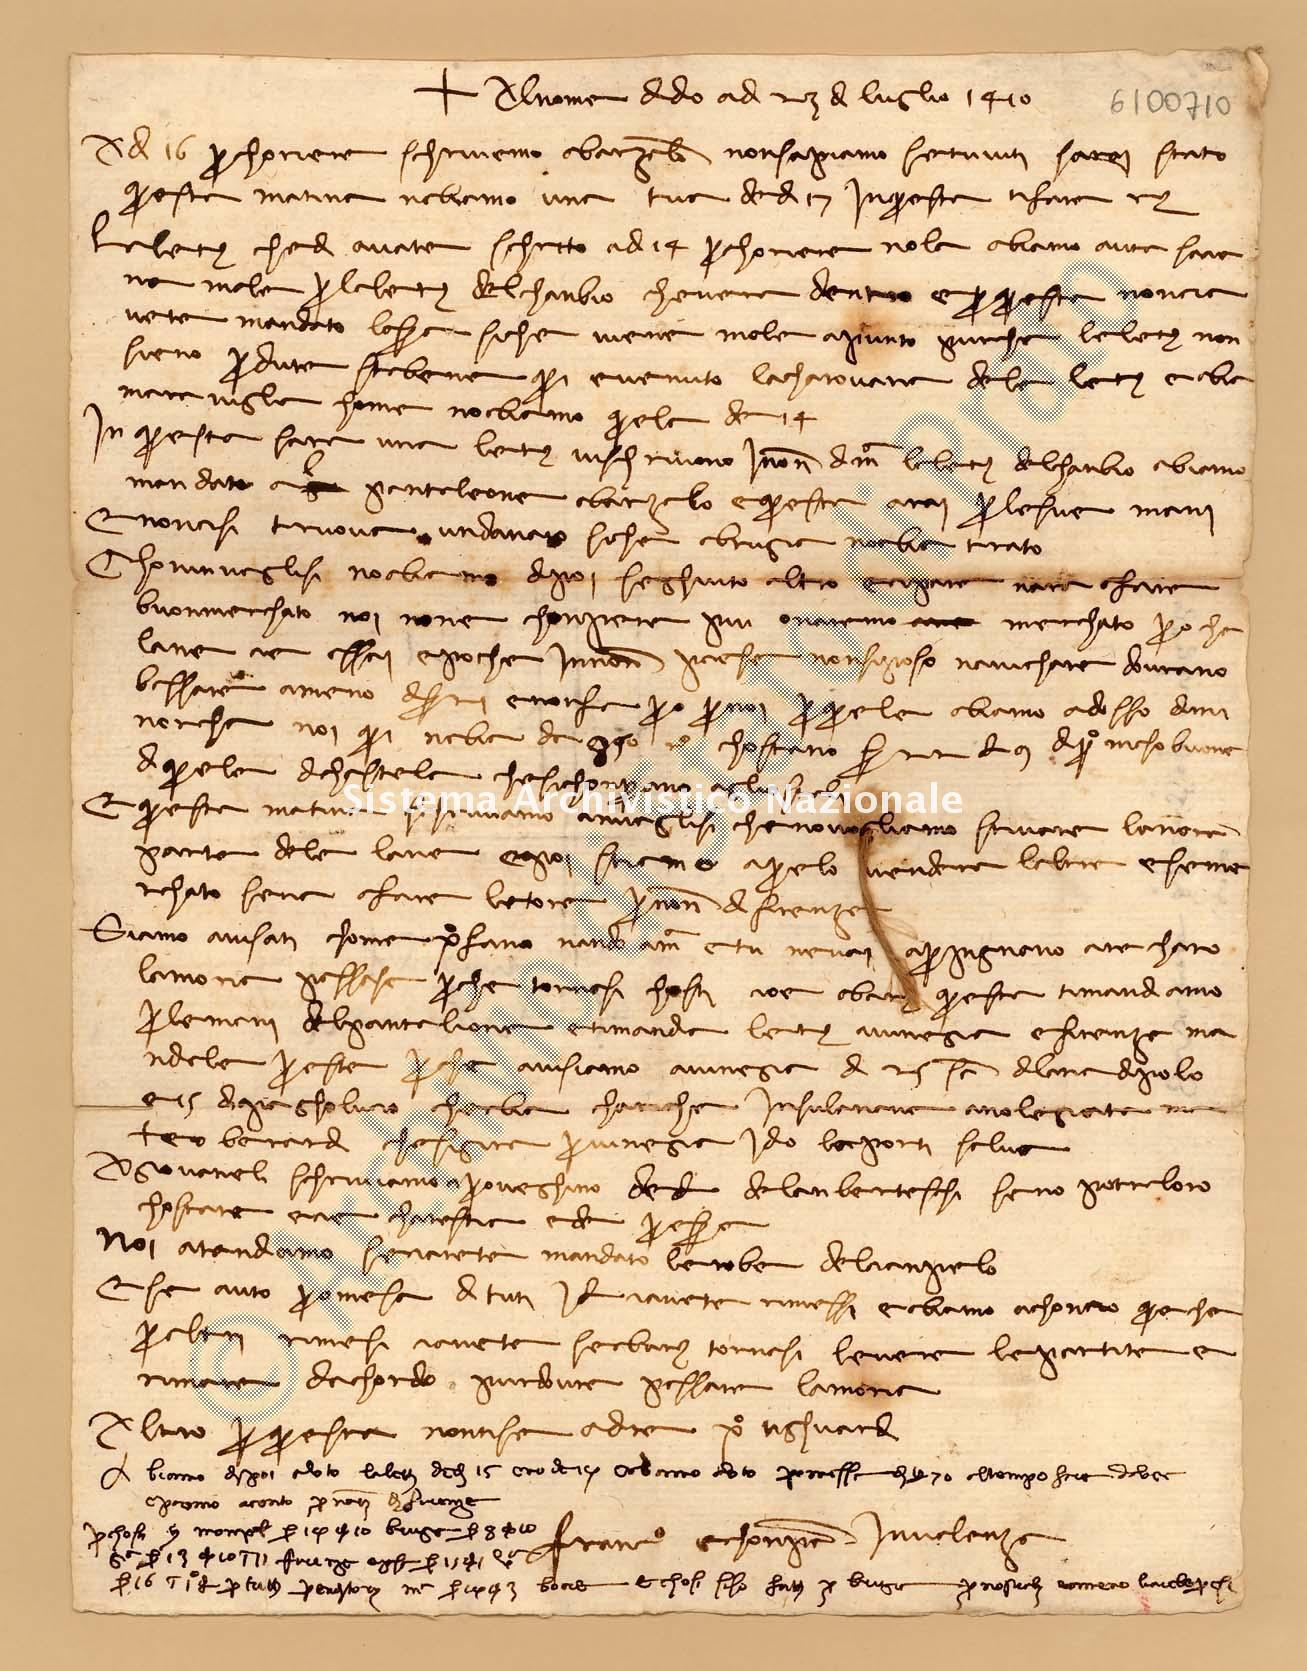 Archivio di Stato di Prato, Fondo Datini, Appendice al carteggio, 1116.202 Lettere Di Datini Francesco Di Marco e Comp. a Mazzei Piero Di Ser Lapo (busta 1116, inserto 202, codice 6100710)